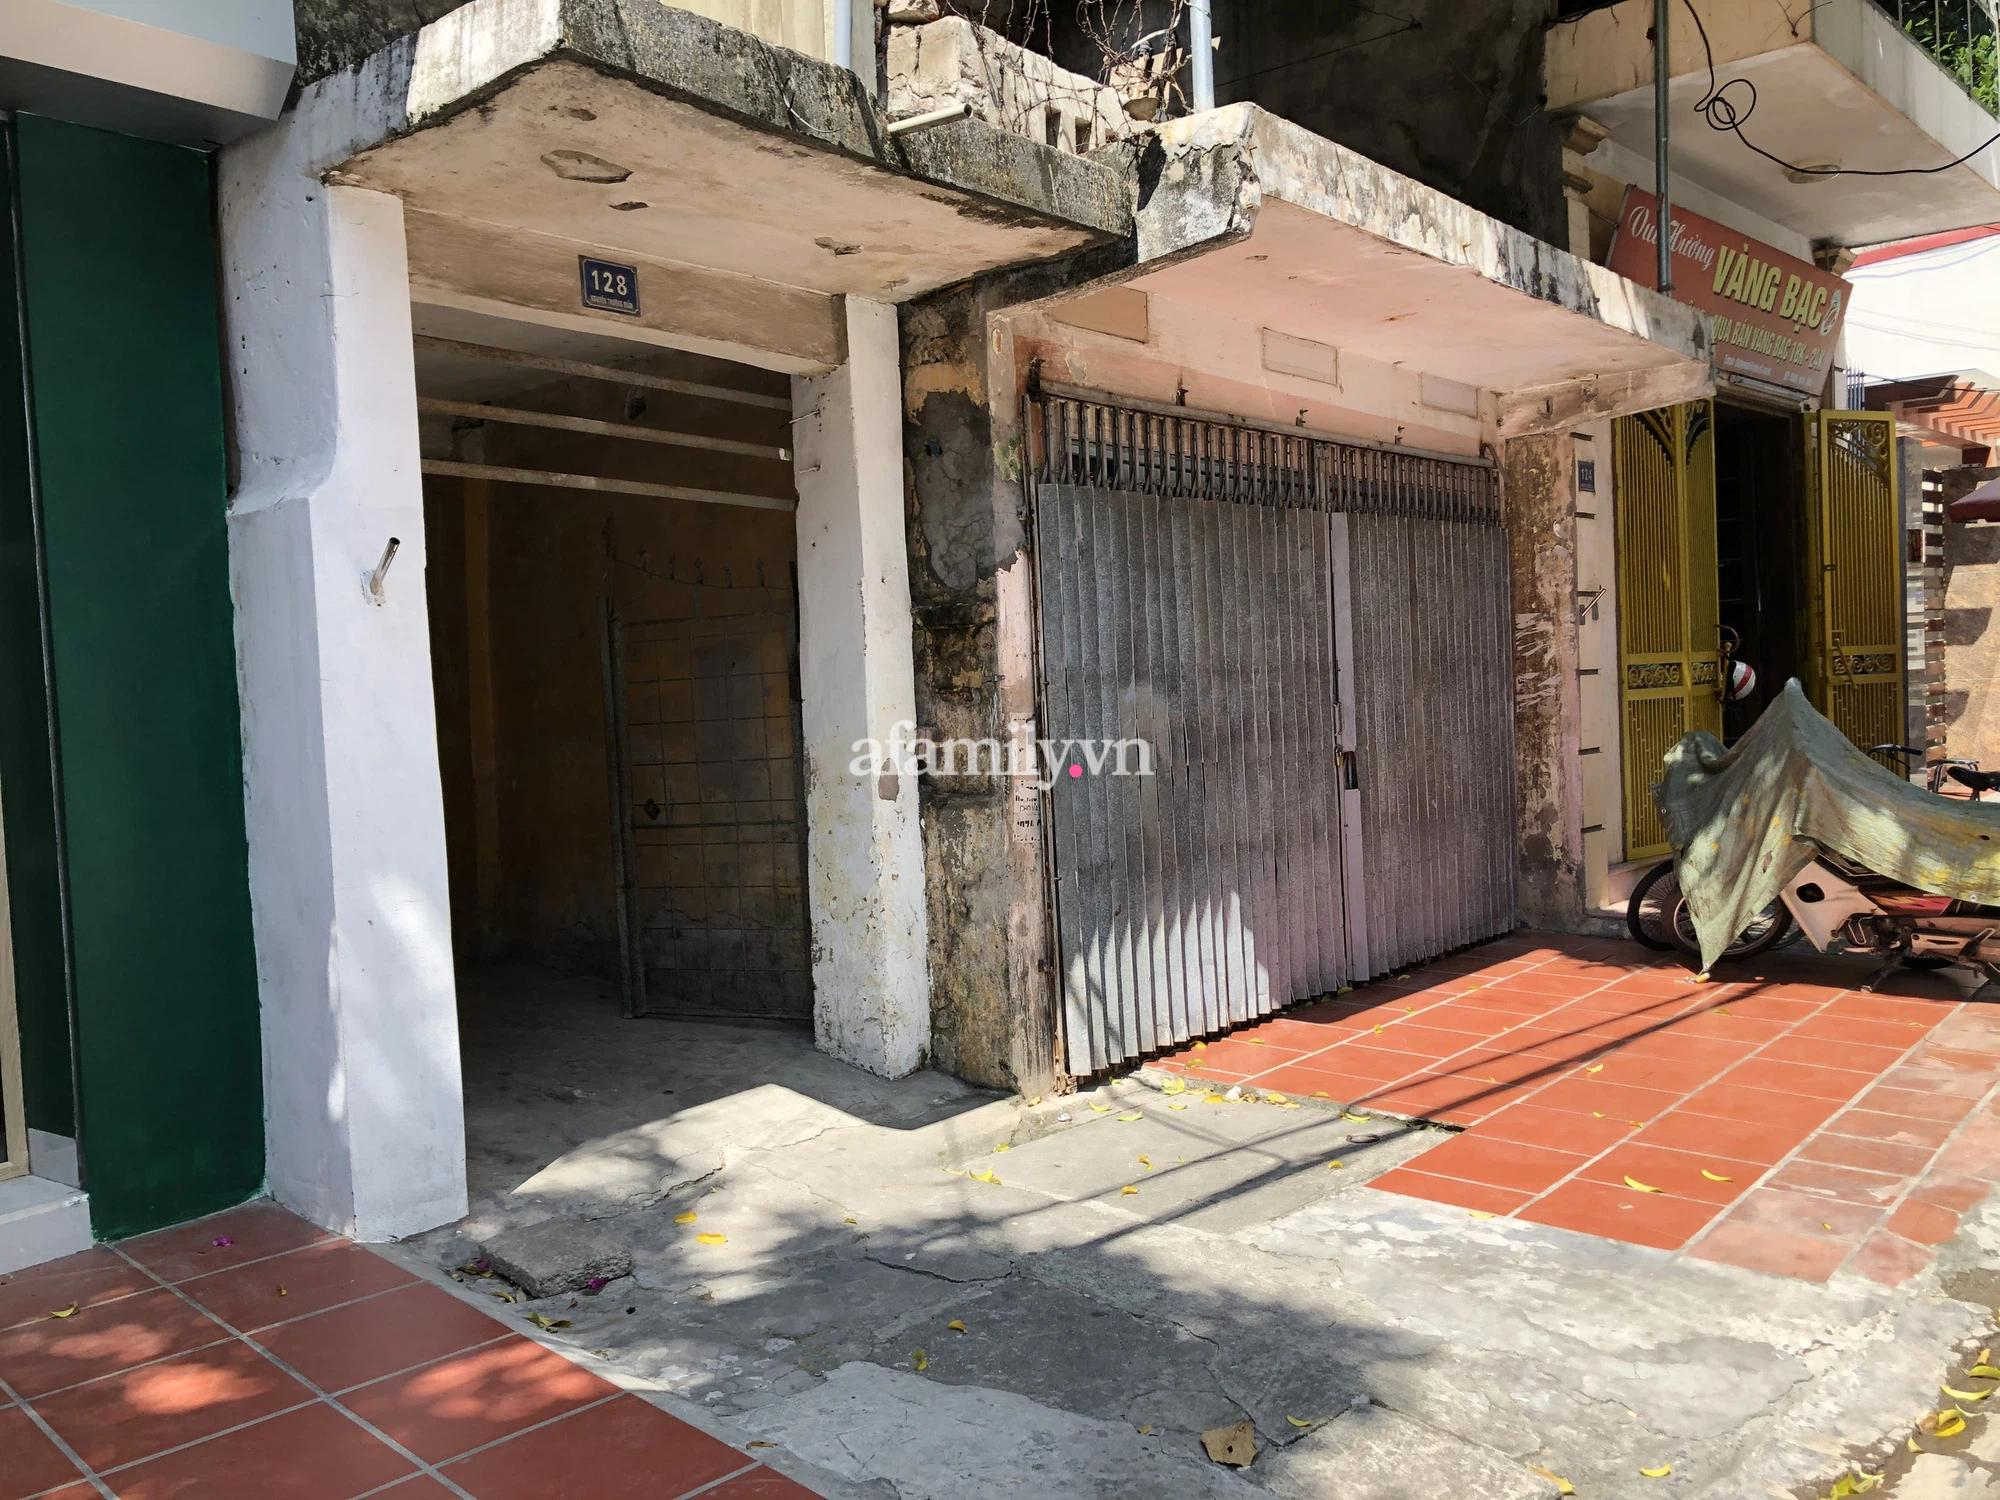 Ngôi nhà này sau khi vụ việc được phát hiện chủ tiệm áo dài đã trả lại mặt bằng vì quá sợ hãi.